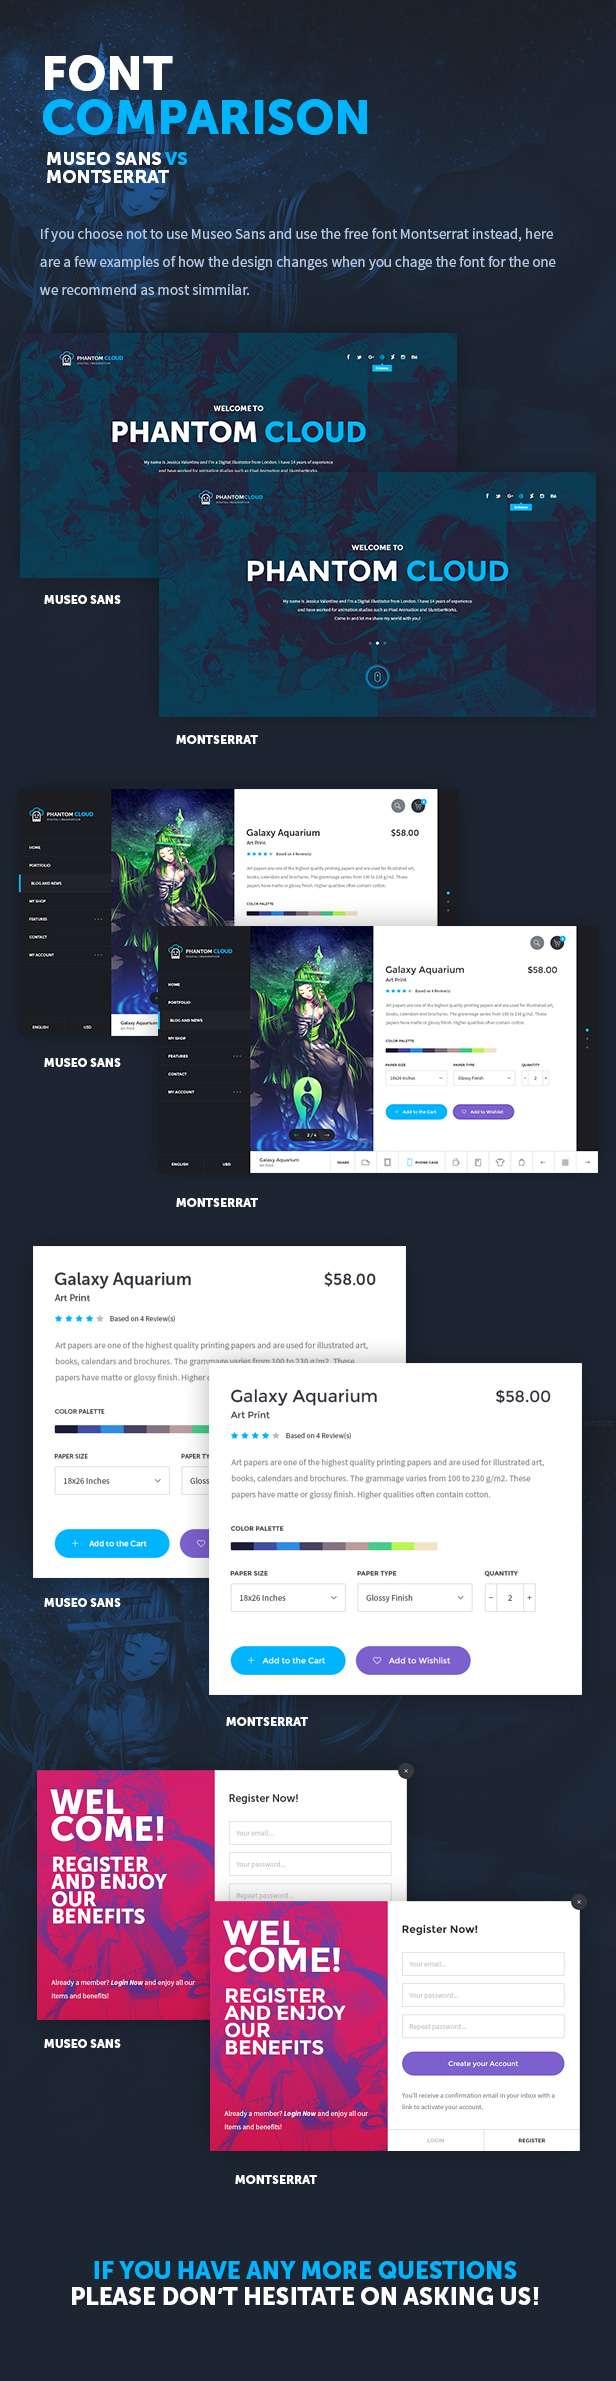 Phantom Cloud - Digital Artist Merchandising Shop PSD Template - 7